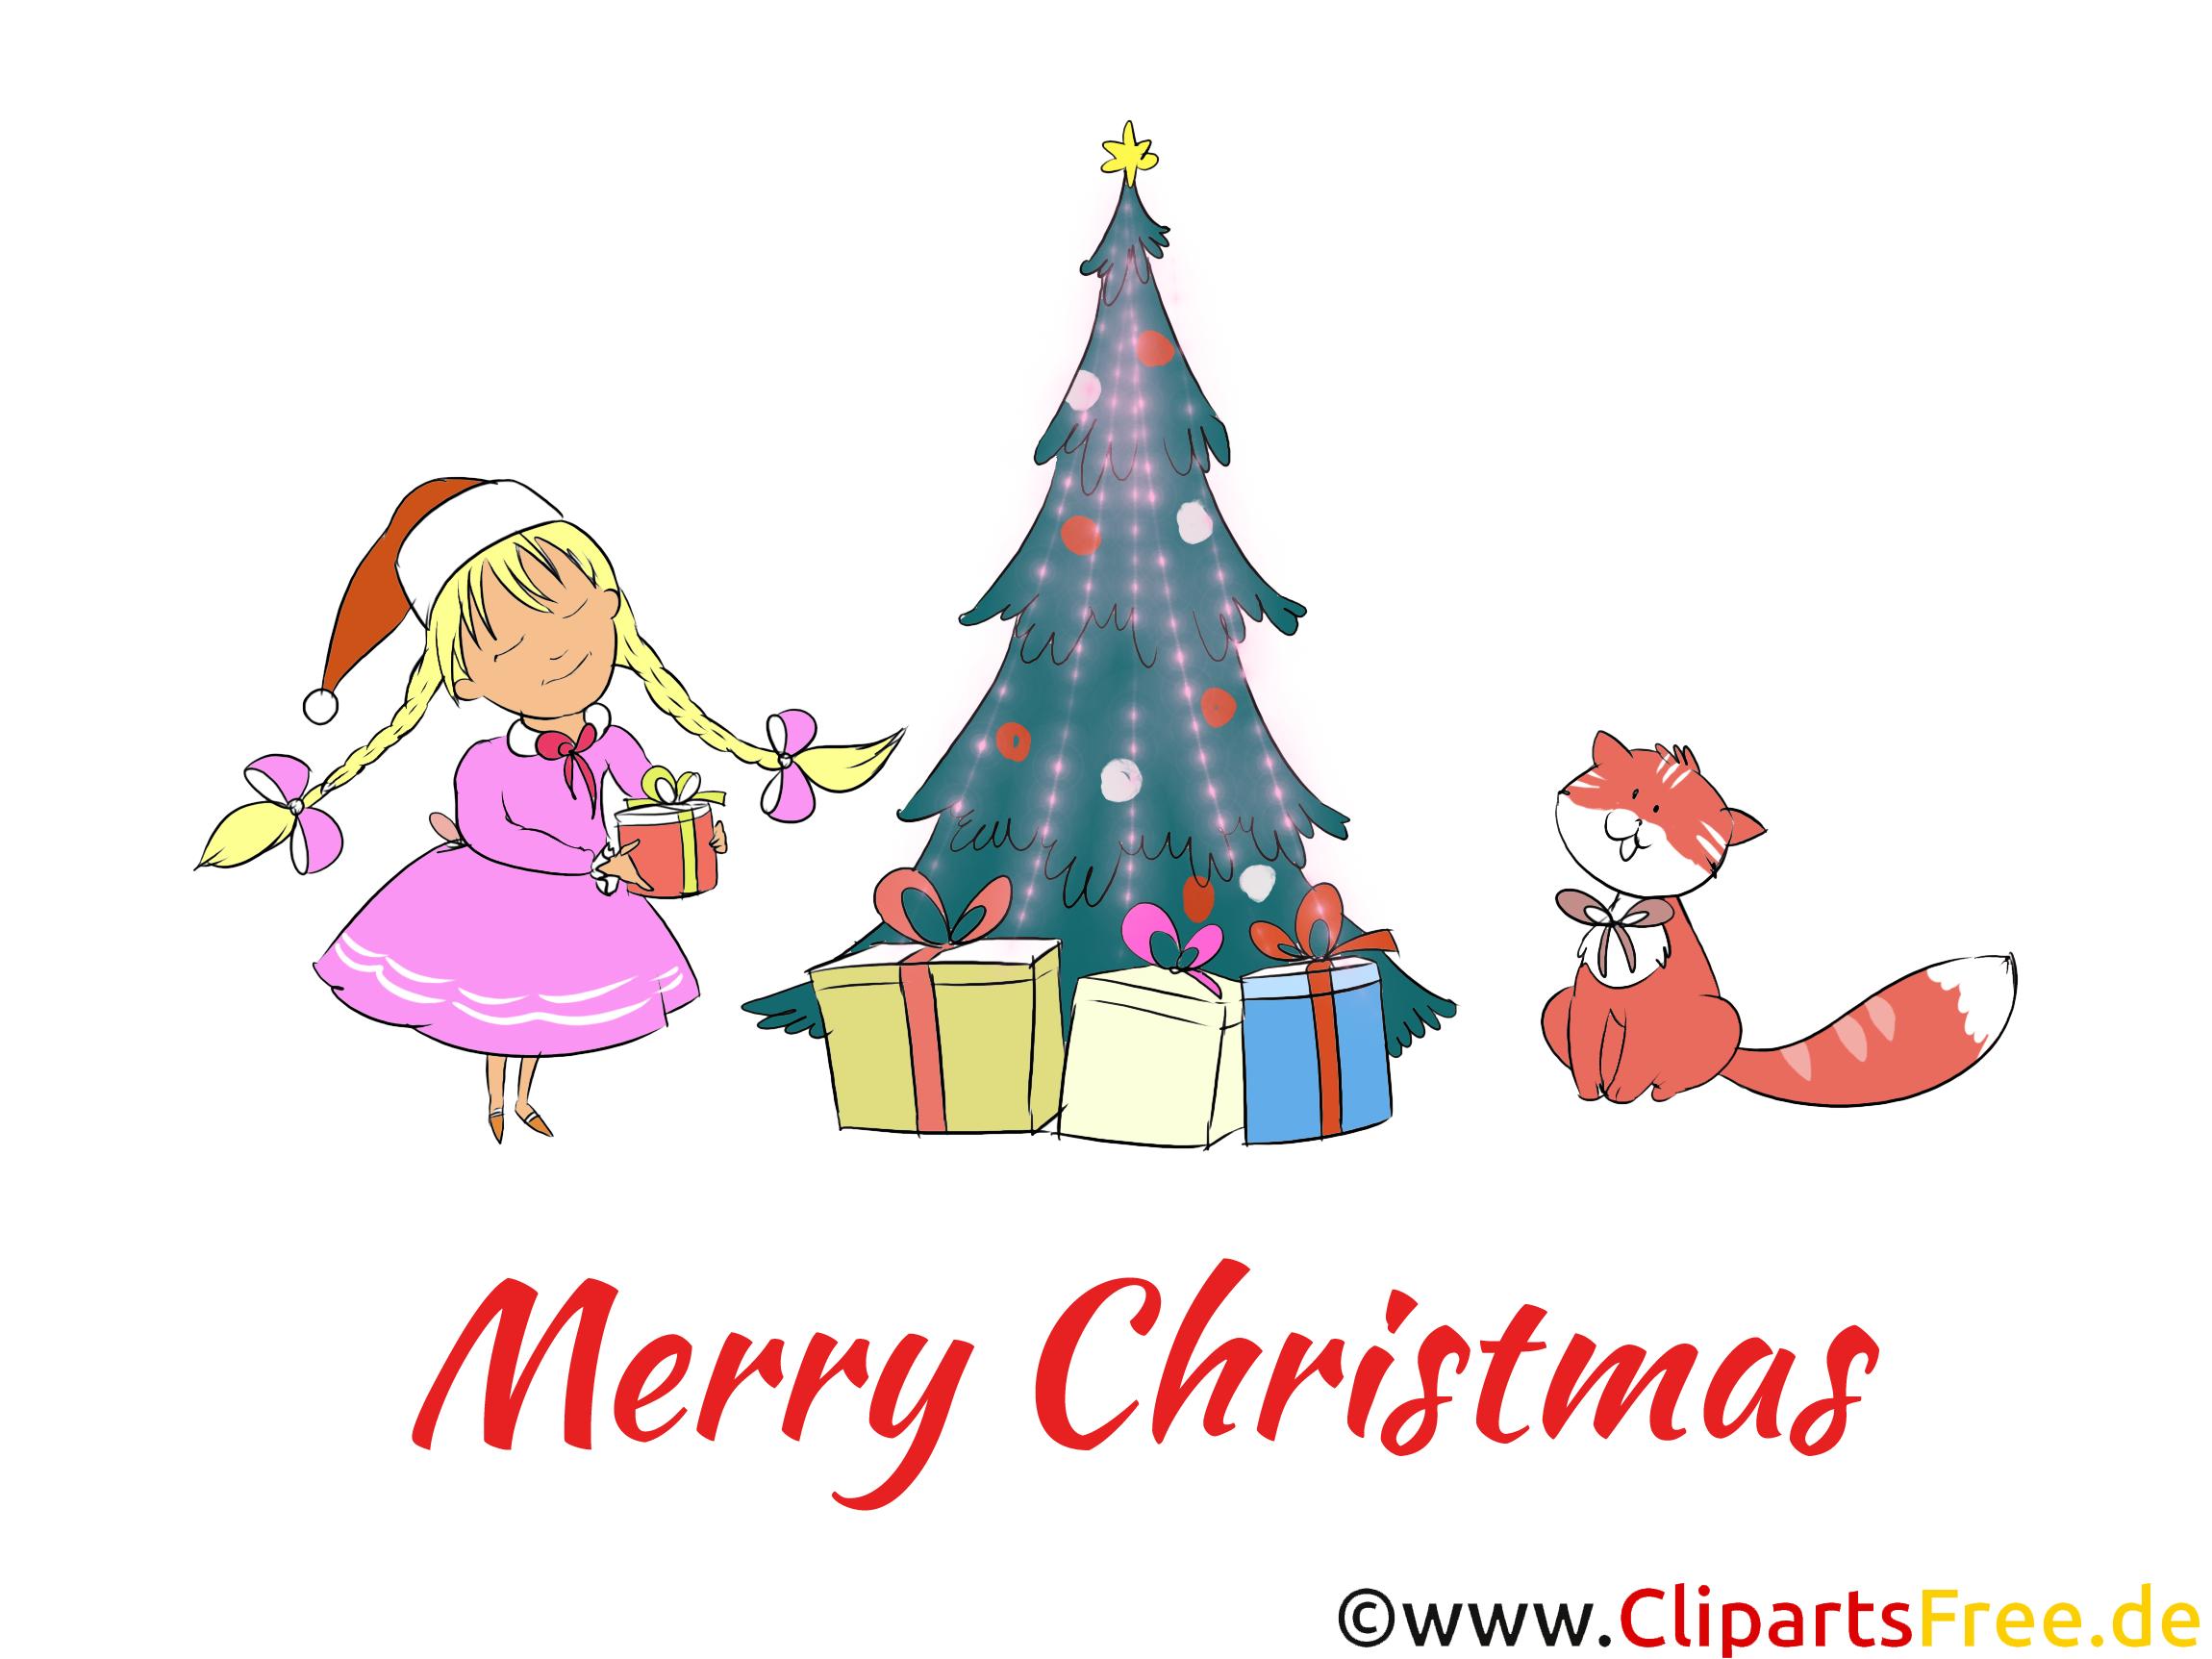 Adventszeit-Bild für die Zeit vor Weihnachten zum Drucken